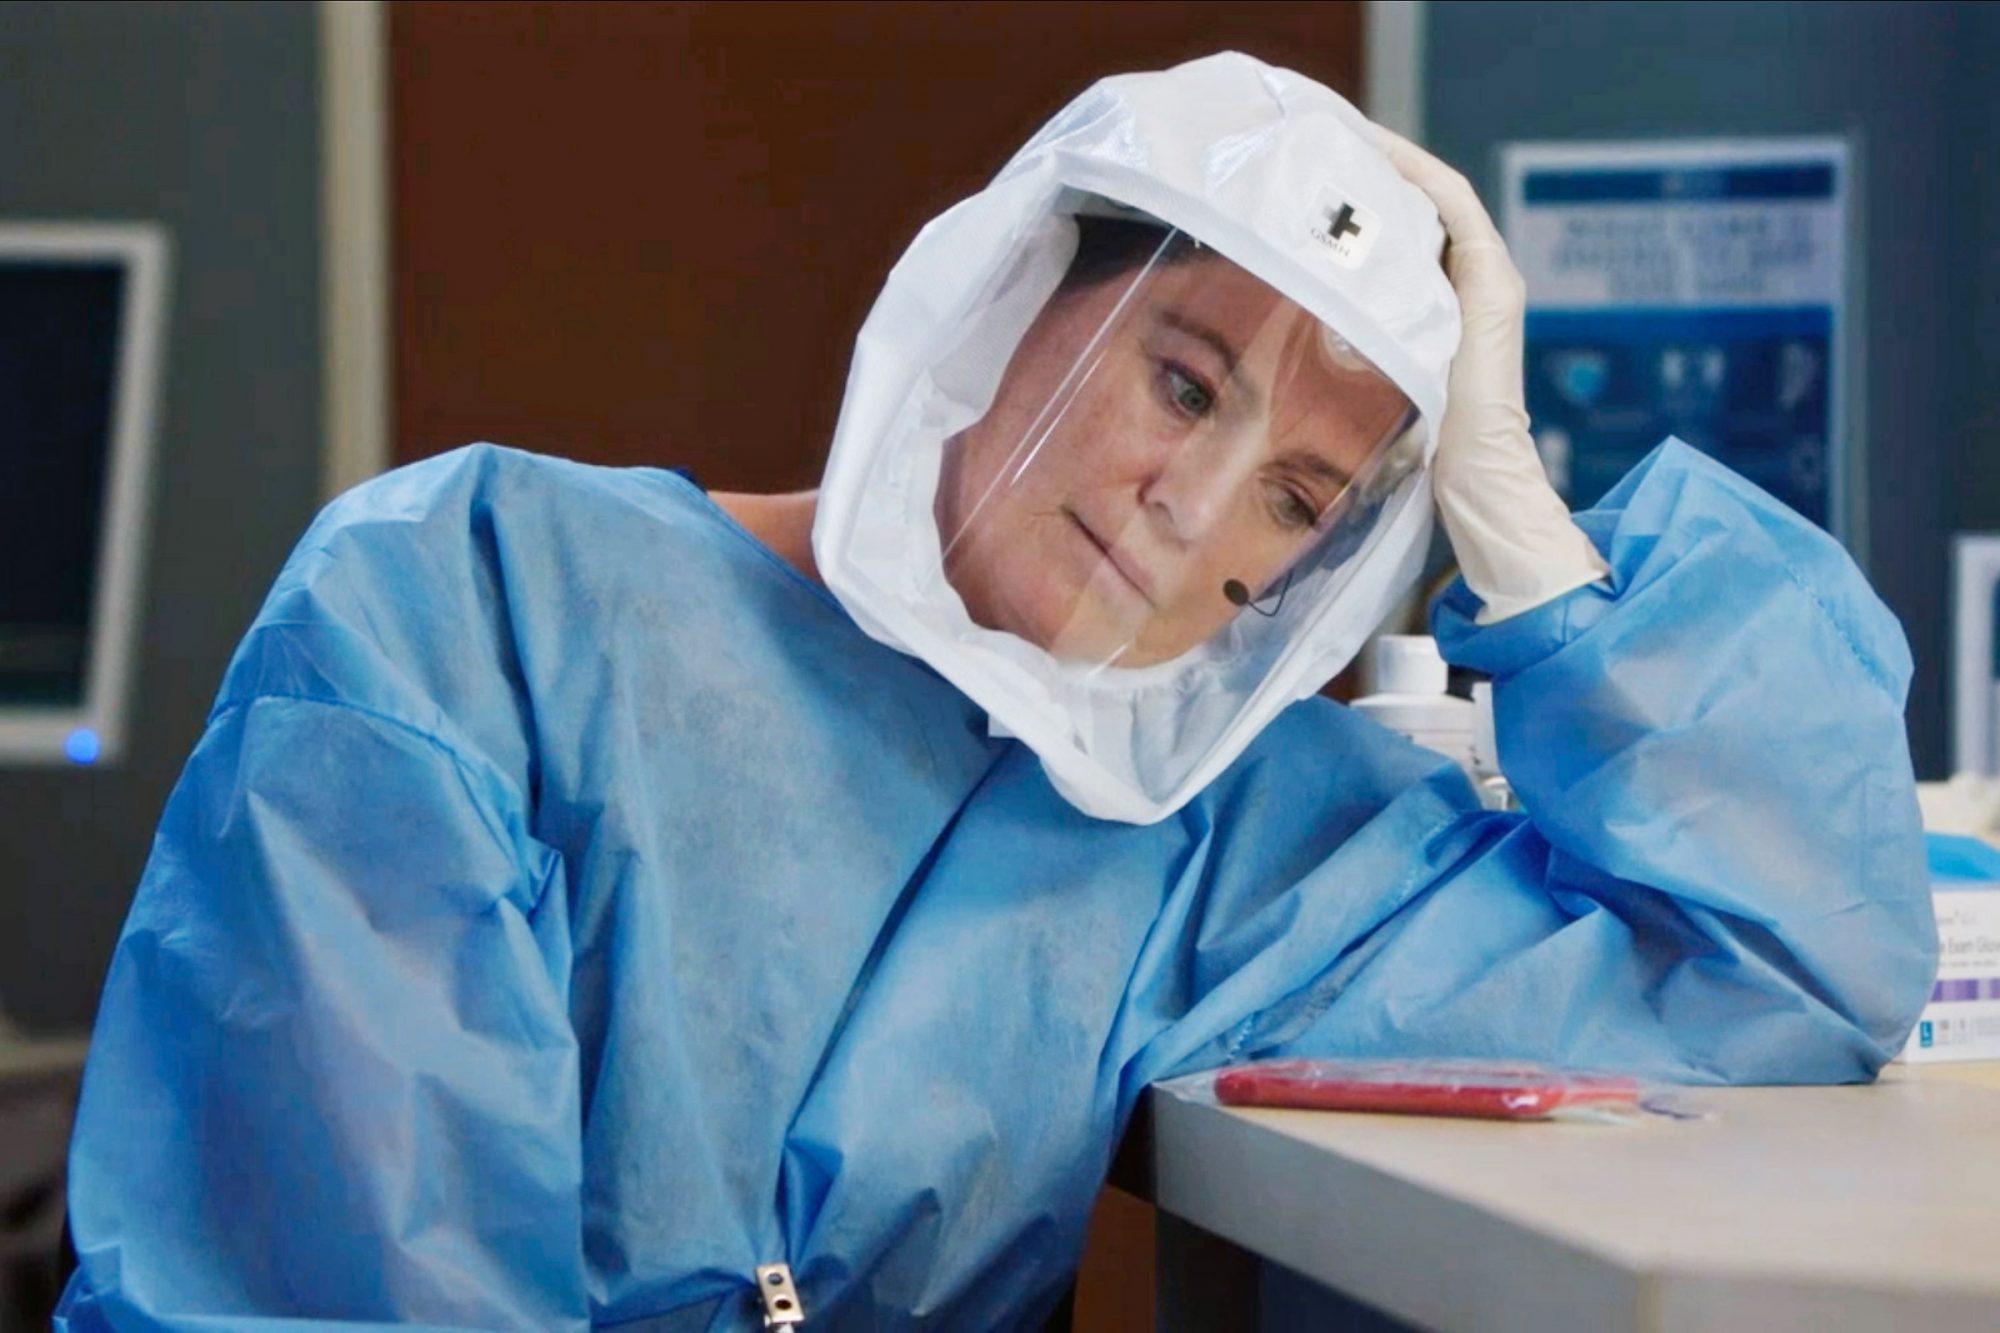 Imagem da série Grey's Anatomy. Na imagem, uma mulher branca usando um jaleco de médico azul, luvas e uma espécie de capacete branco e com o visor na frente transparente. Ela apoia a cabeça em uma mesa branca, em que está apoiado seu celular vermelho embalado em um plástico. Ao fundo, é possível ver uma porta marrom e um quadro azul escuro na parede.